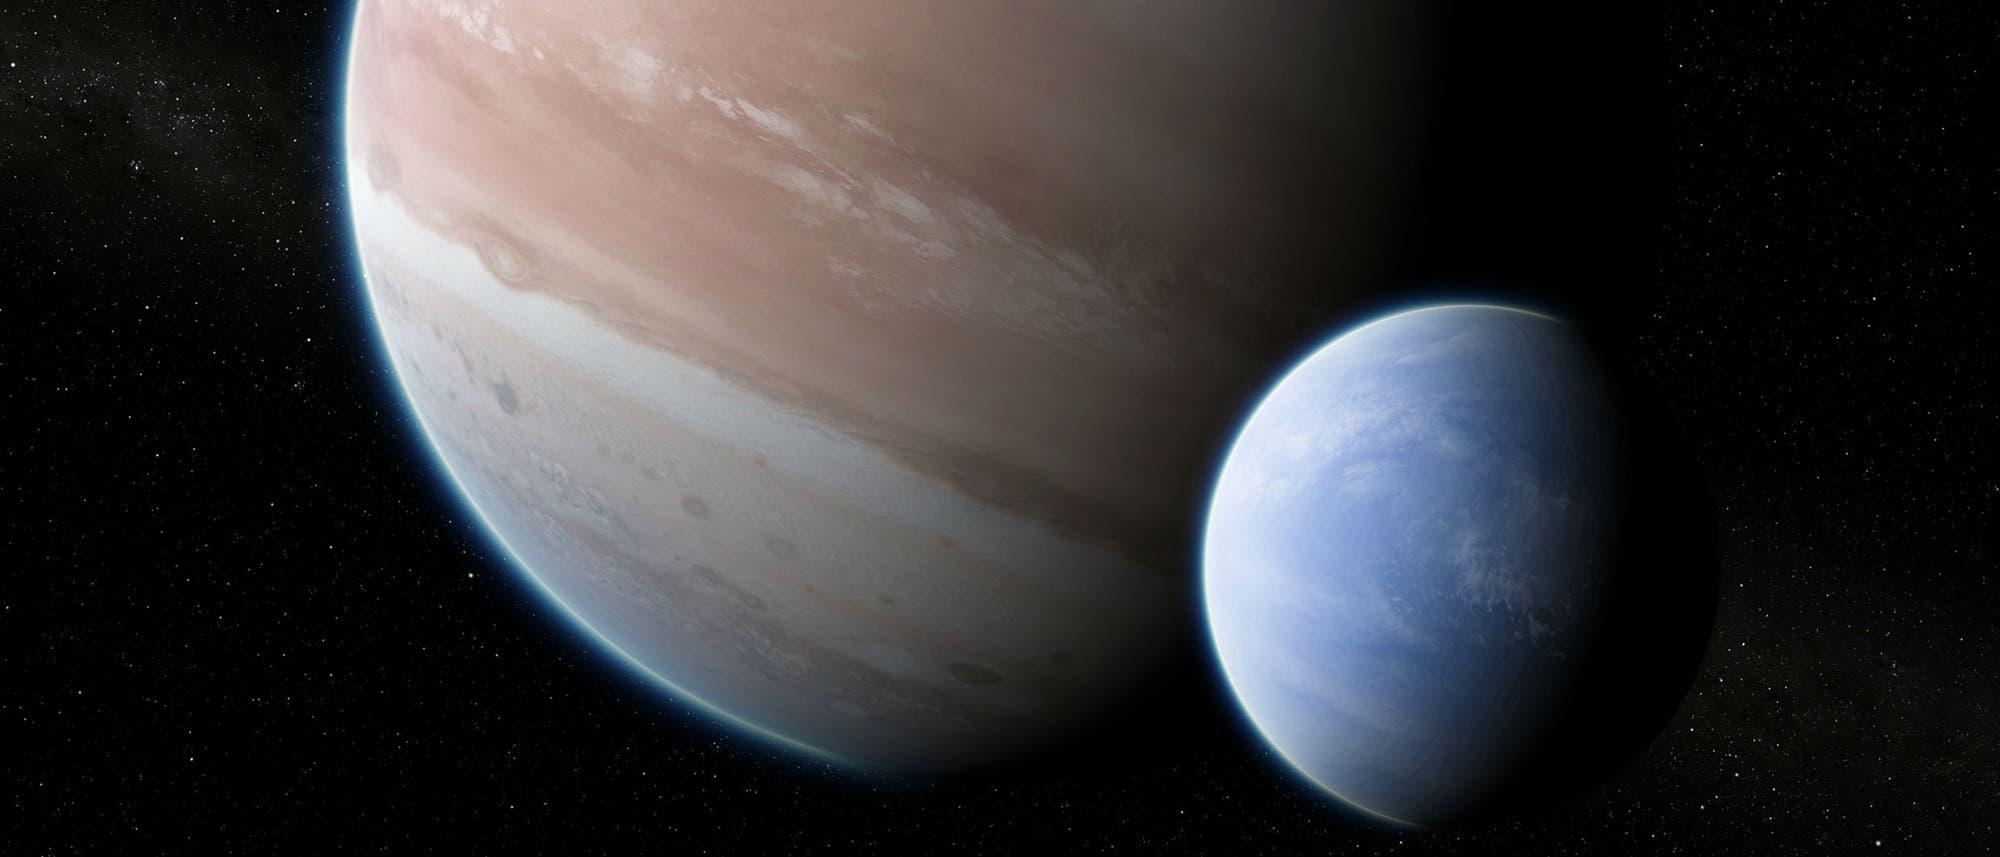 Künstlerische Darstellung eines Exomondes. Sieht aus wie zwei Gasplaneten nebeneinander.